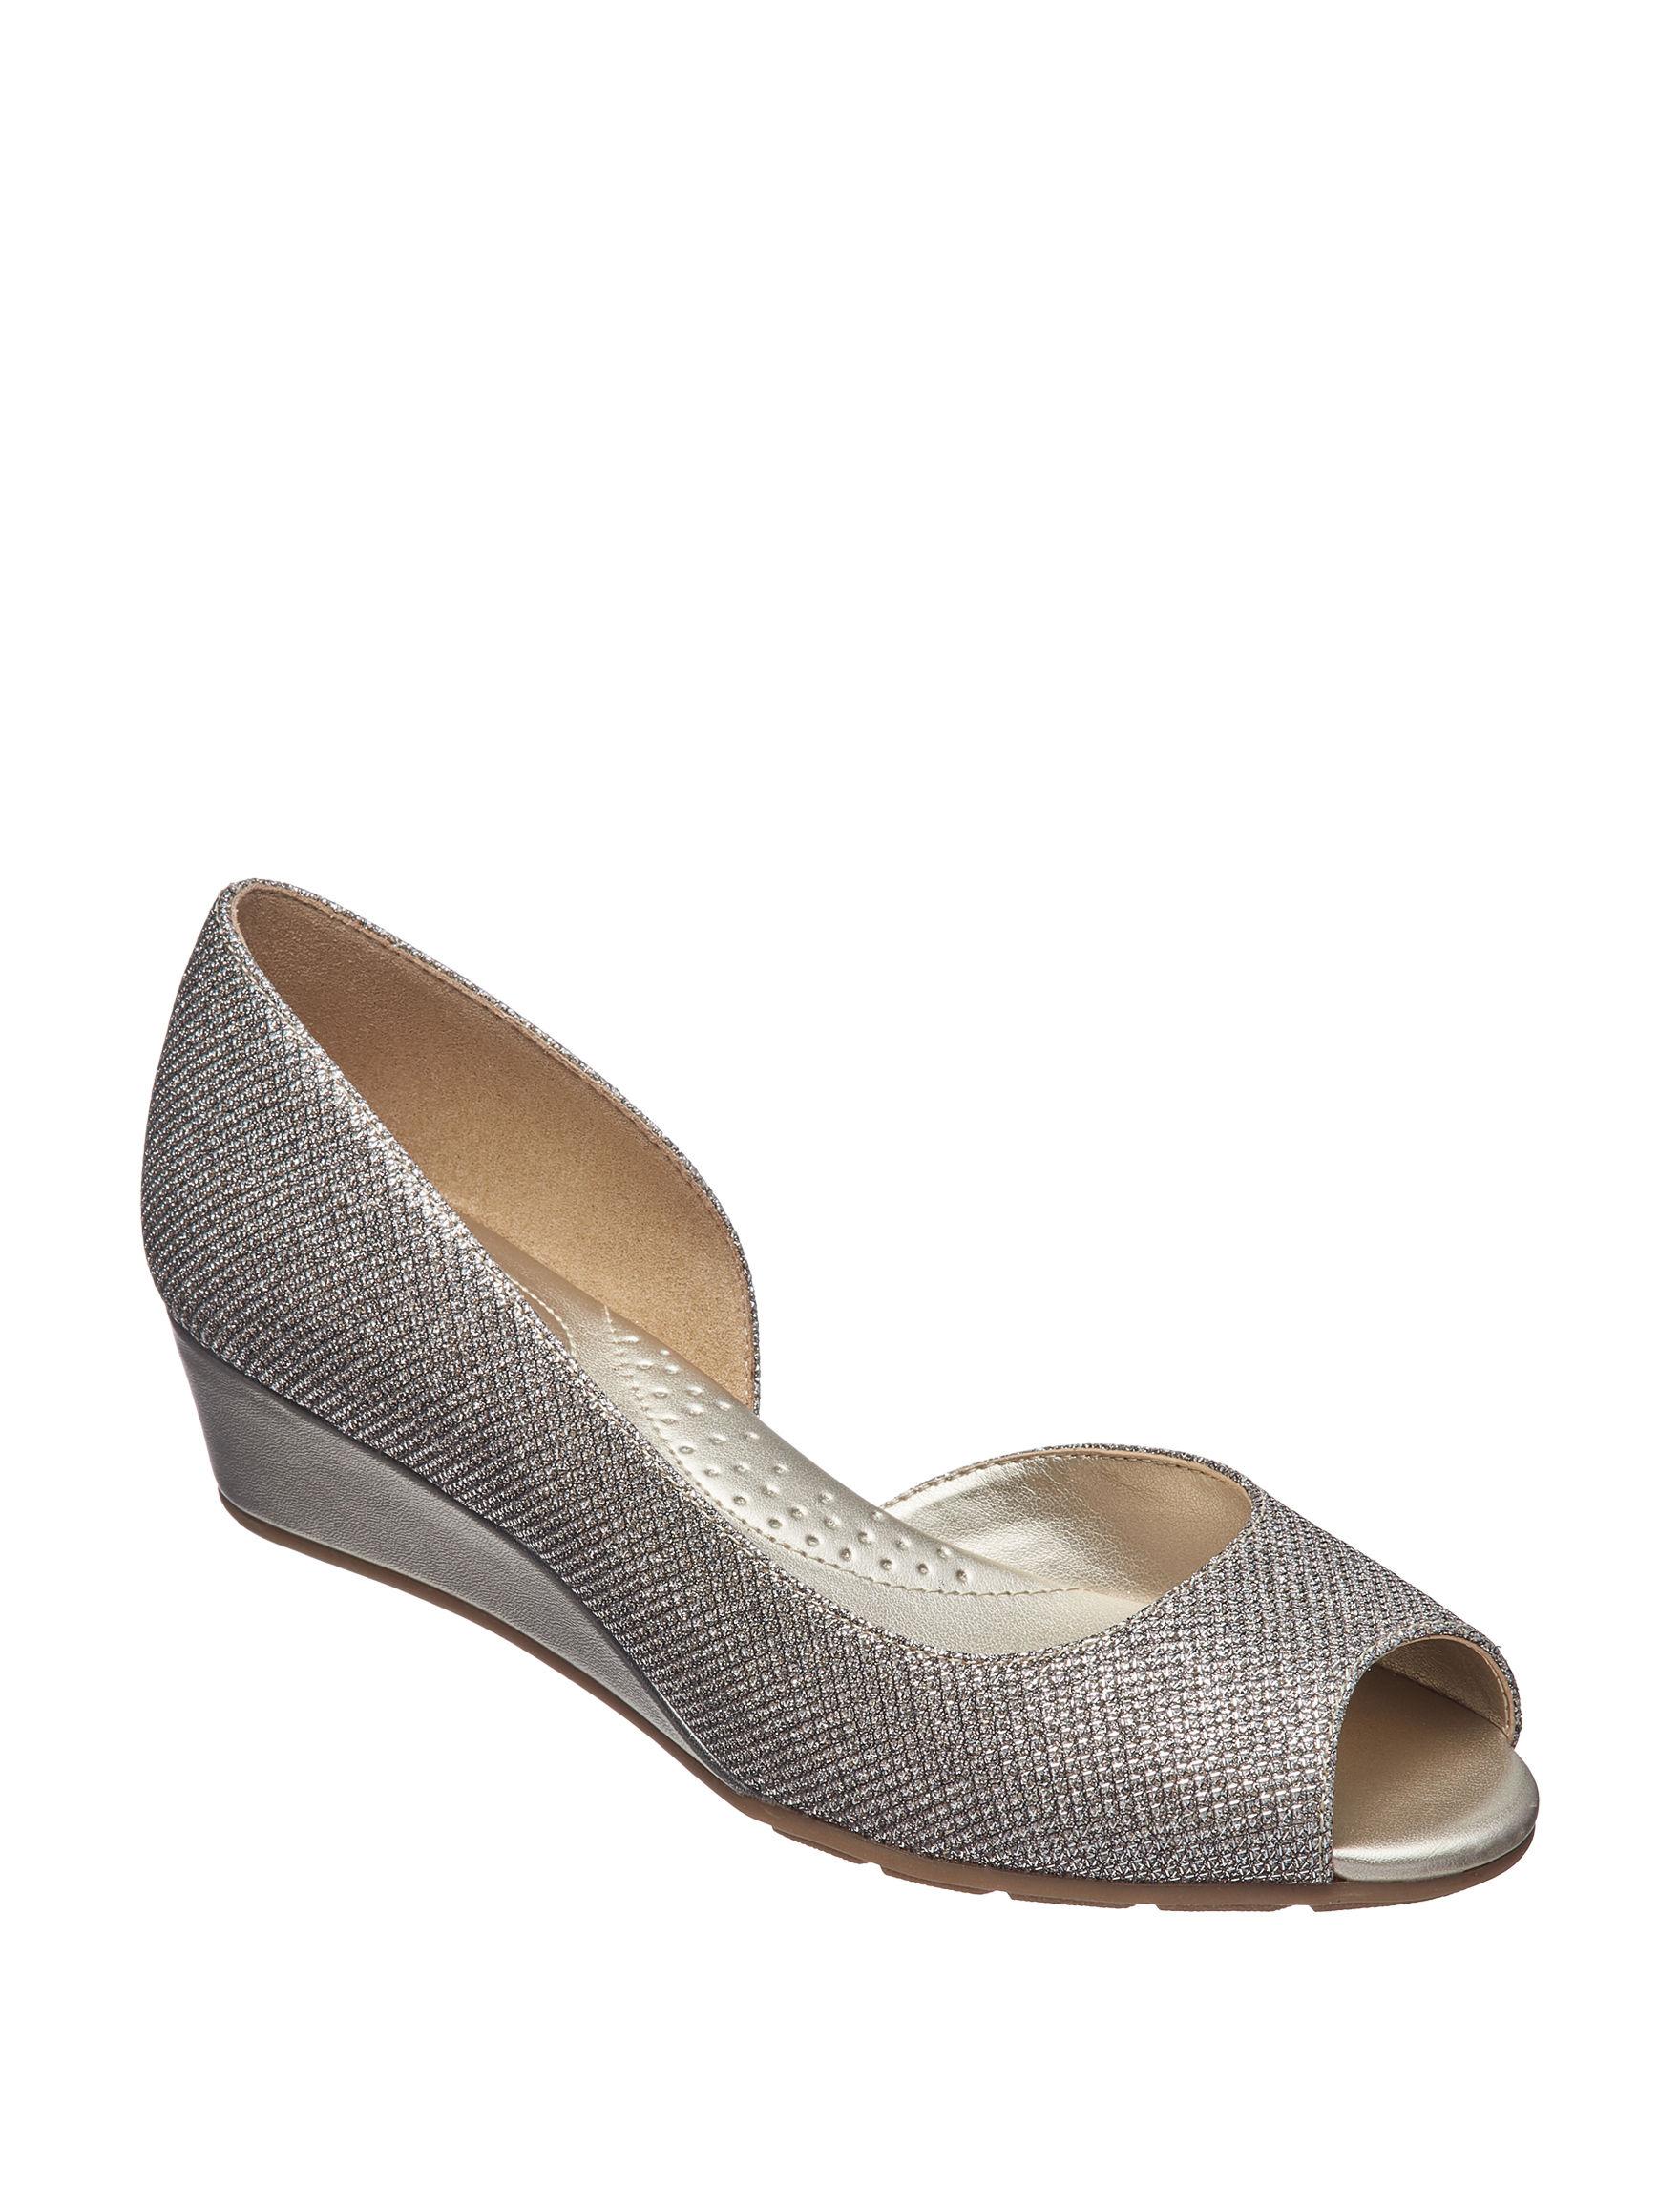 Bandolino Gold Peep Toe Wedge Sandals